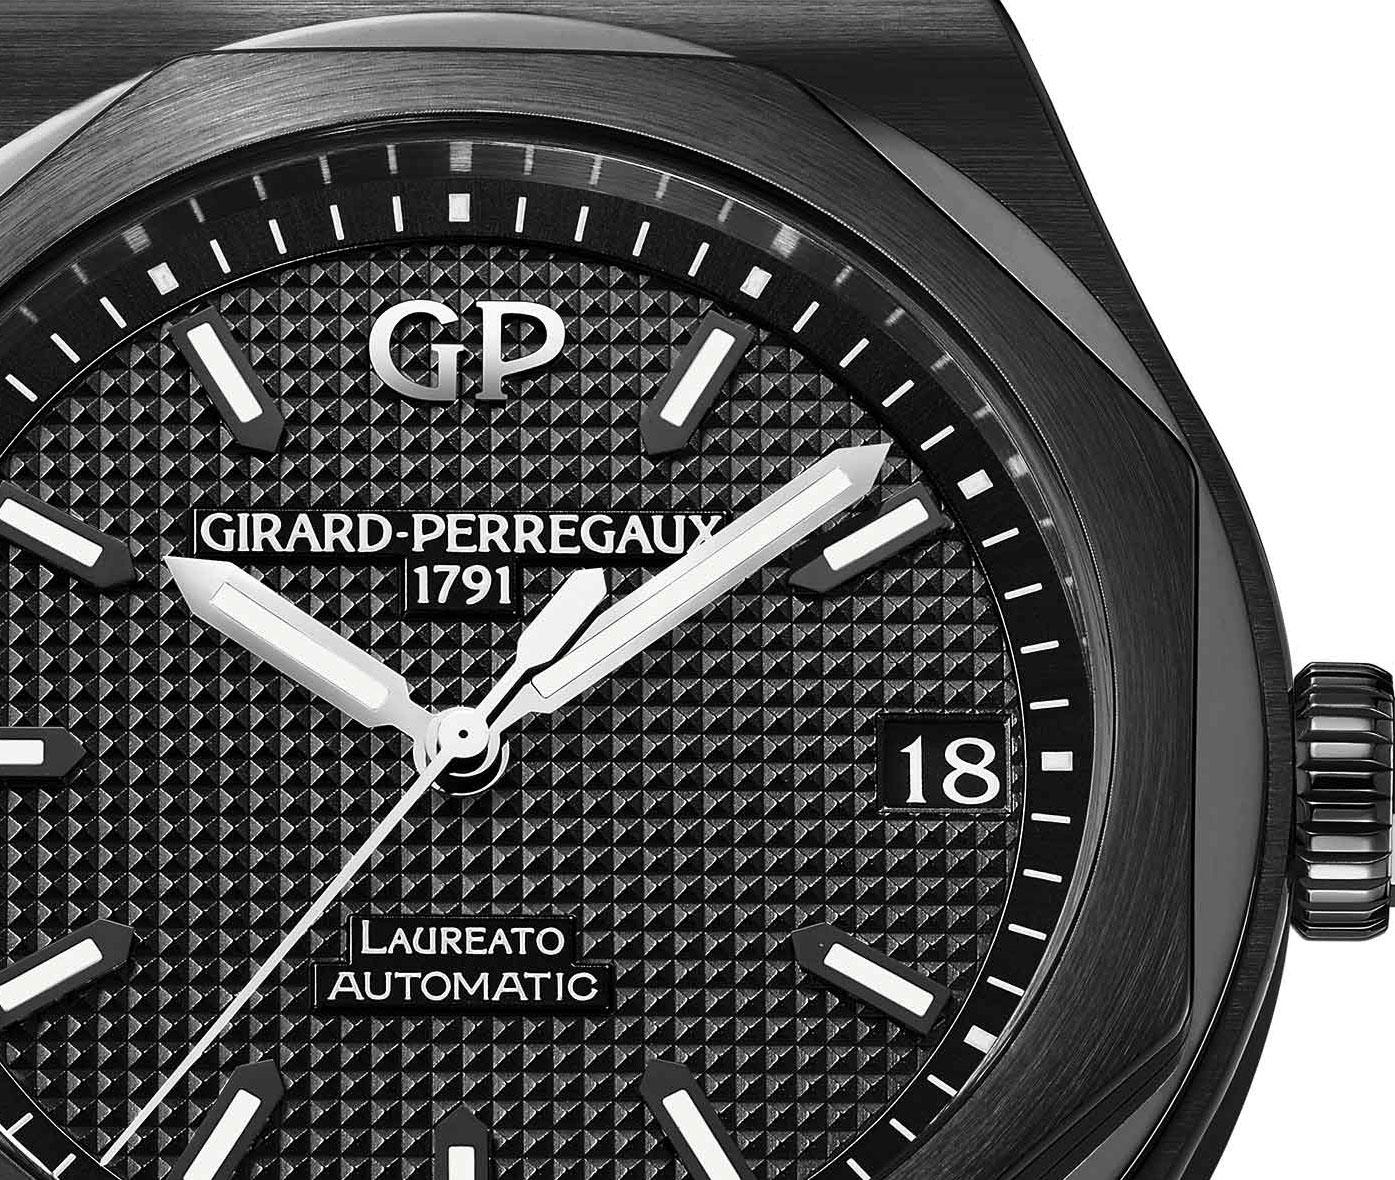 Girard-Perregaux Laureato ceramic 3